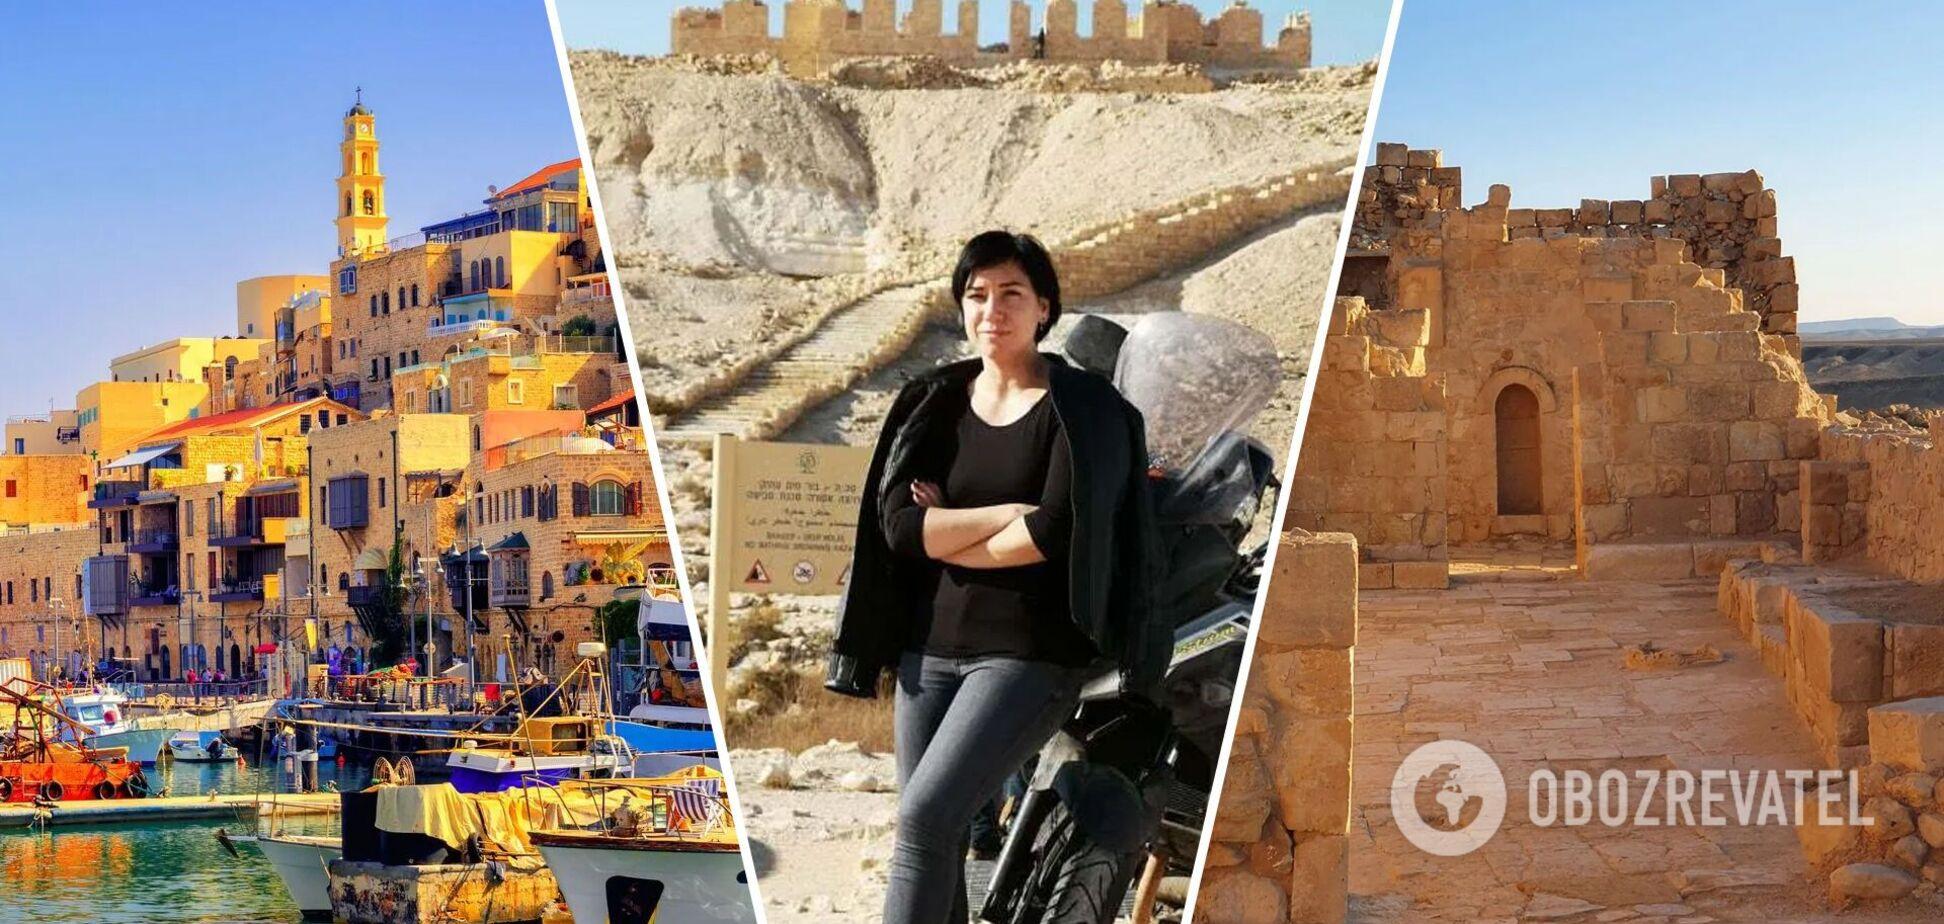 'Если кому-то плохо – поднимется вся страна': почему в Израиле довольны жизнью, несмотря на войну